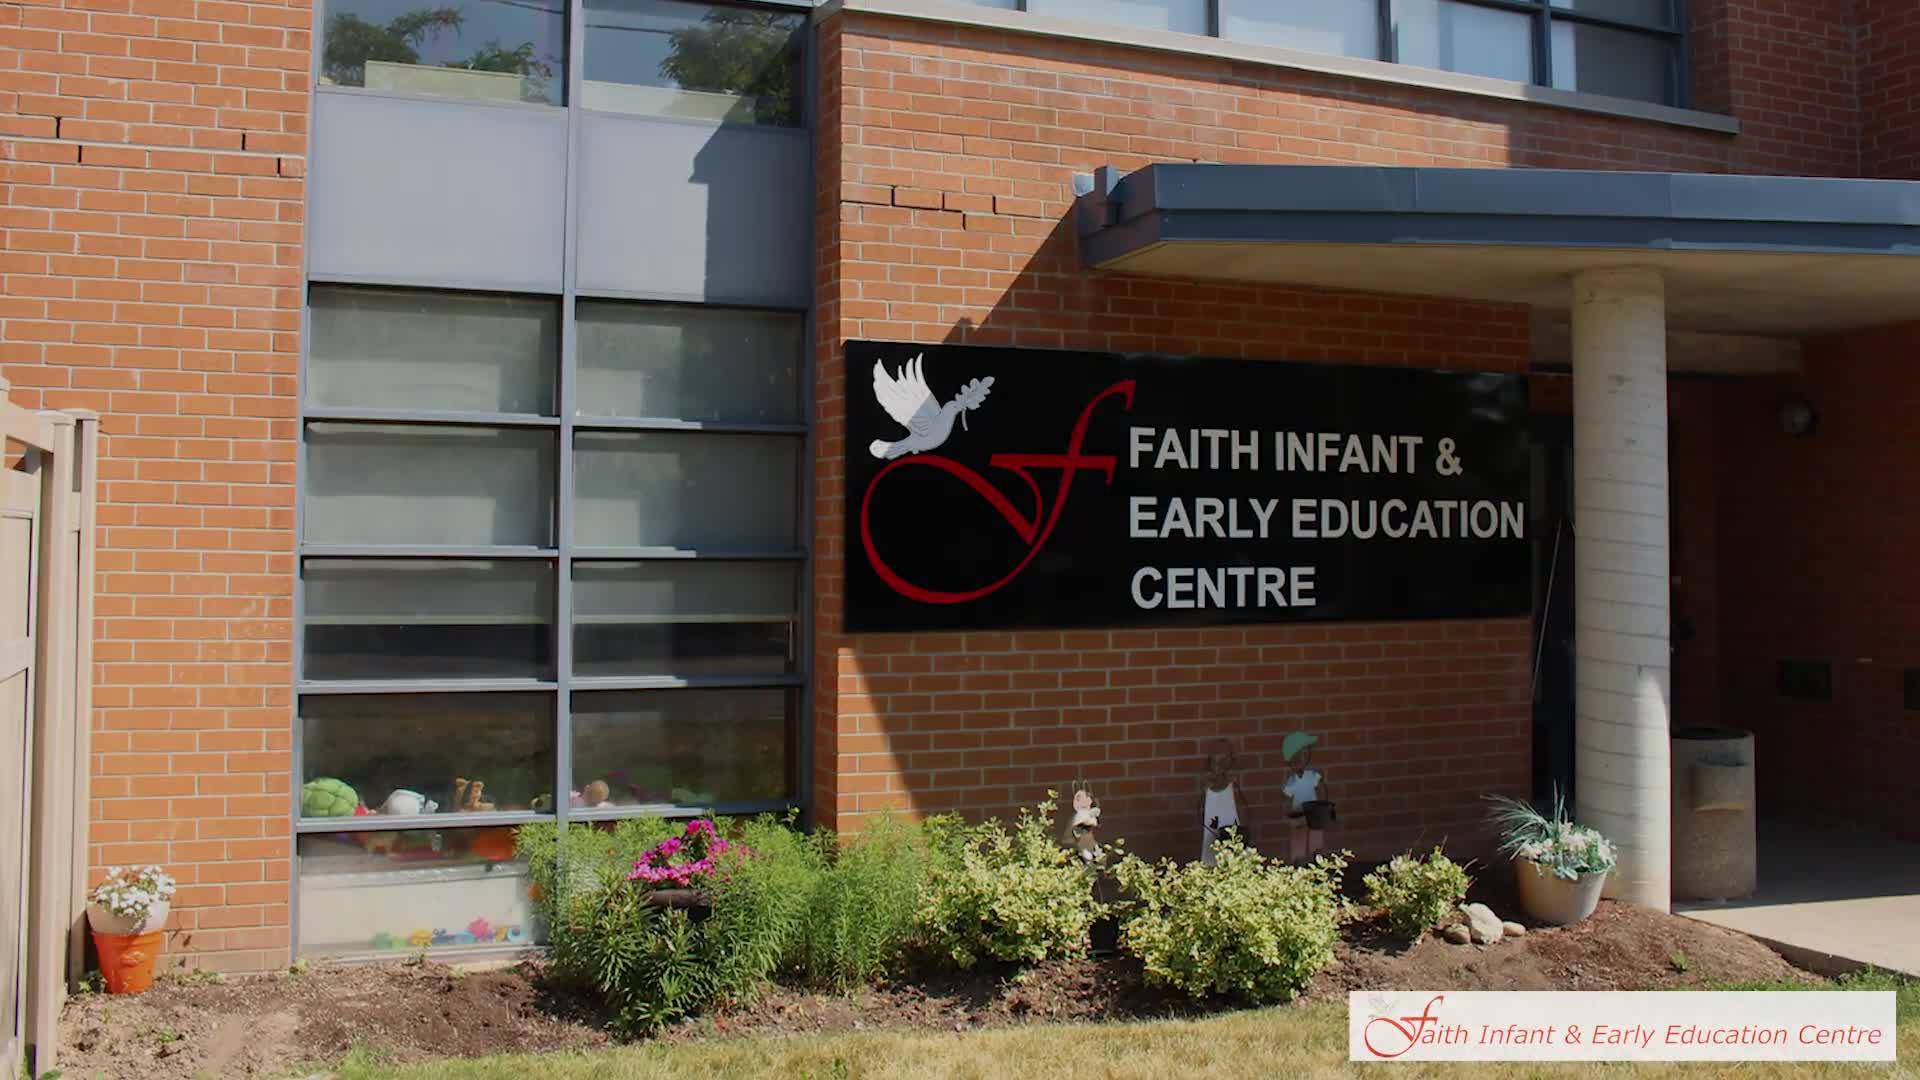 Faith Infant And Early Education Centre - Kindergartens & Pre-school Nurseries - 905-737-4493